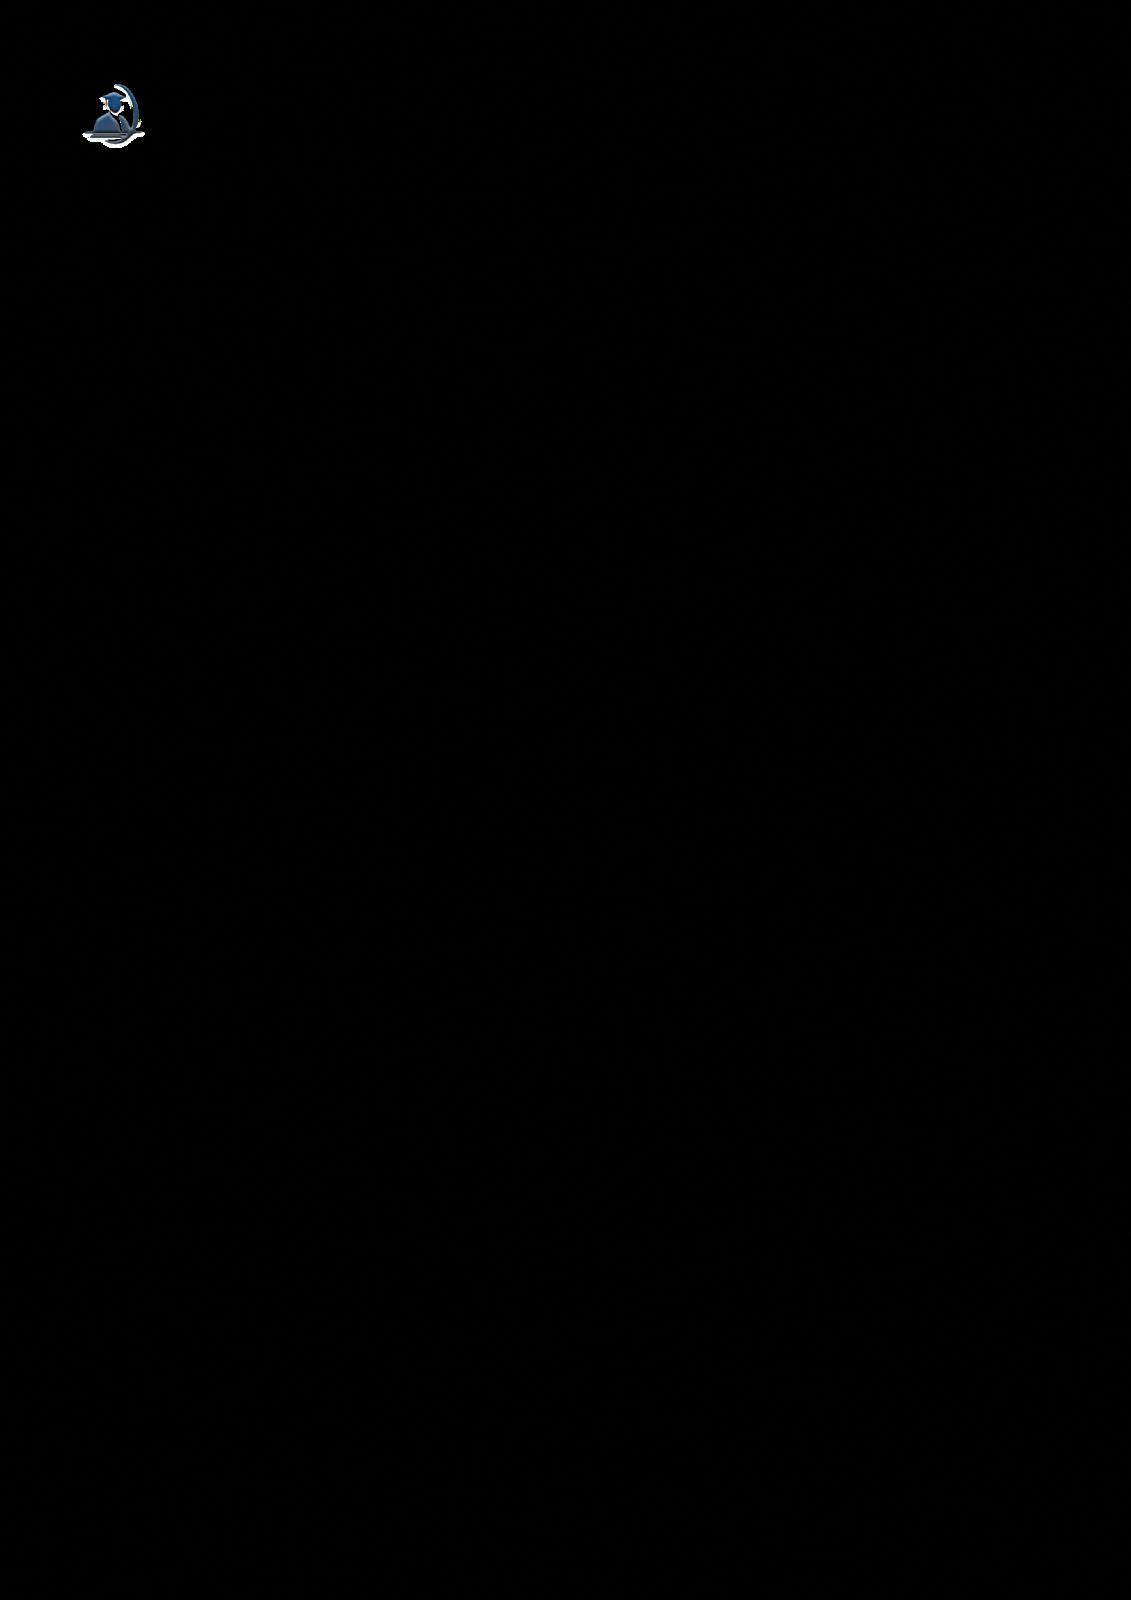 Partitura Para Piano Fácil De El Canon De Pachelbel En Re Mayor Por Nuestro Colaborador Gerso Partituras Piano Facil Partituras Partituras Para Piano Sencillas